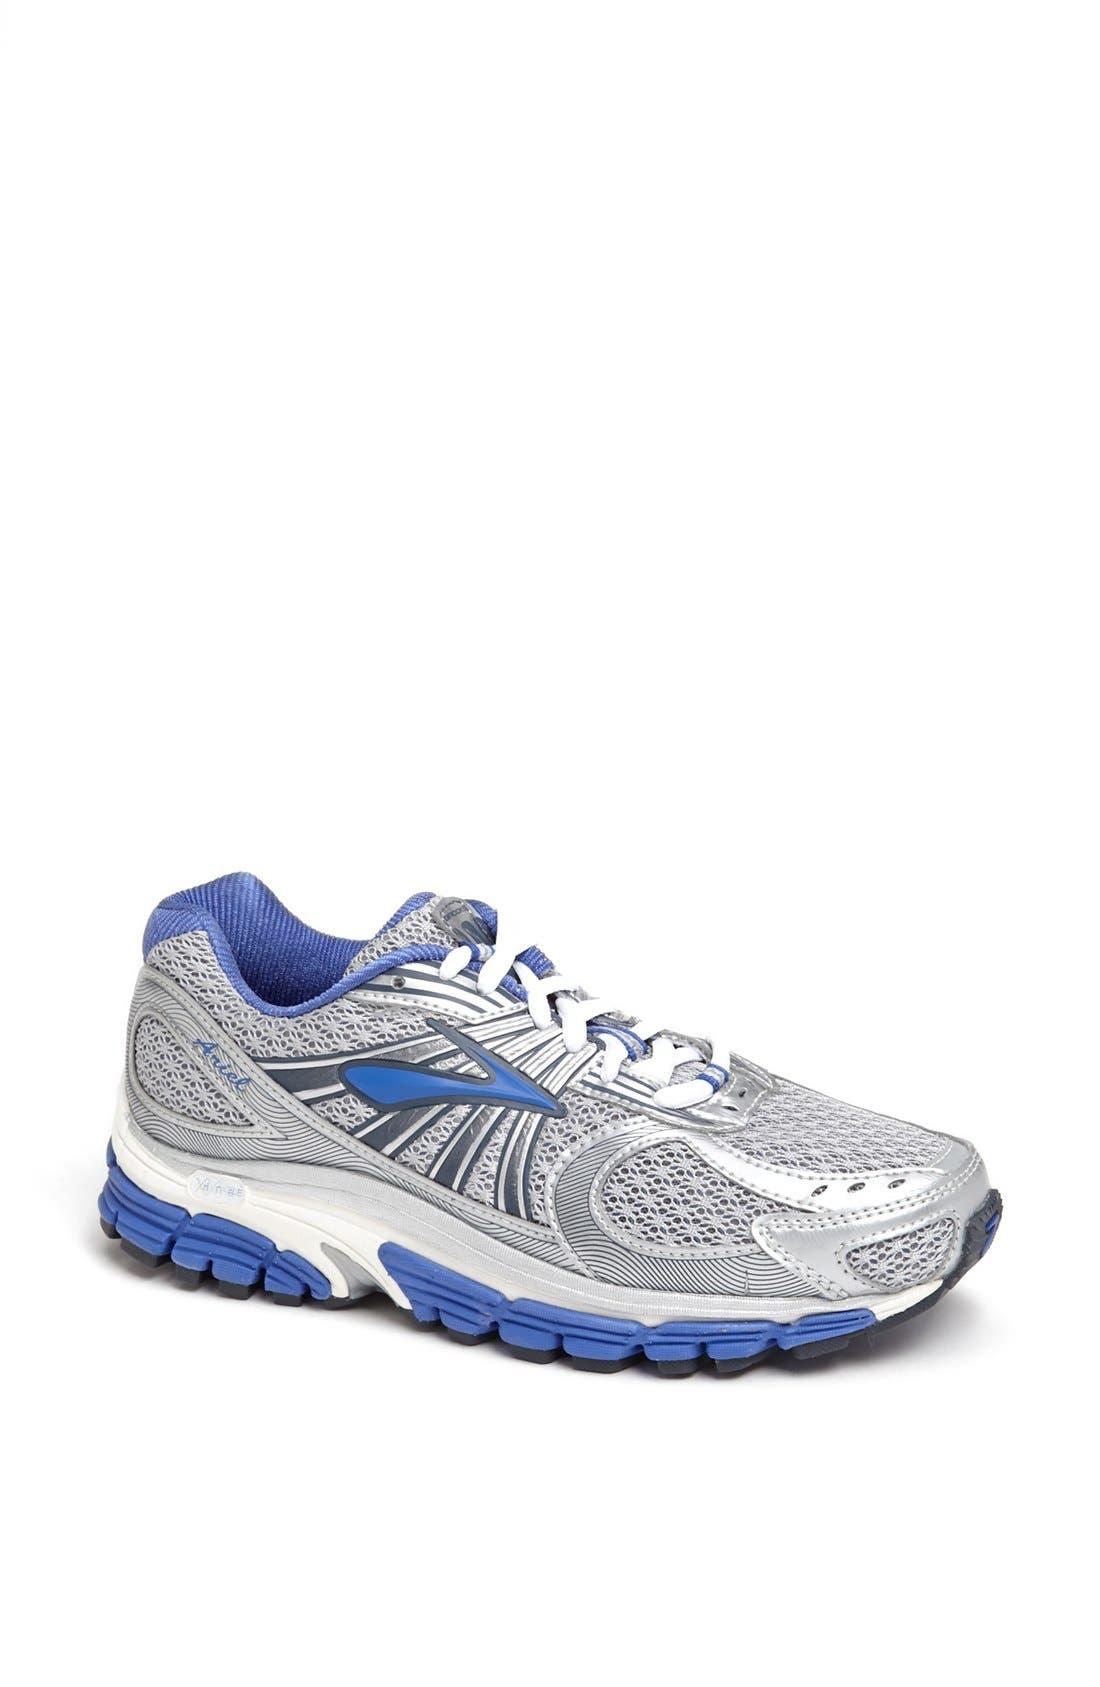 Main Image - Brooks 'Ariel' Running Shoe (Women) (Regular Retail Price: $139.95)